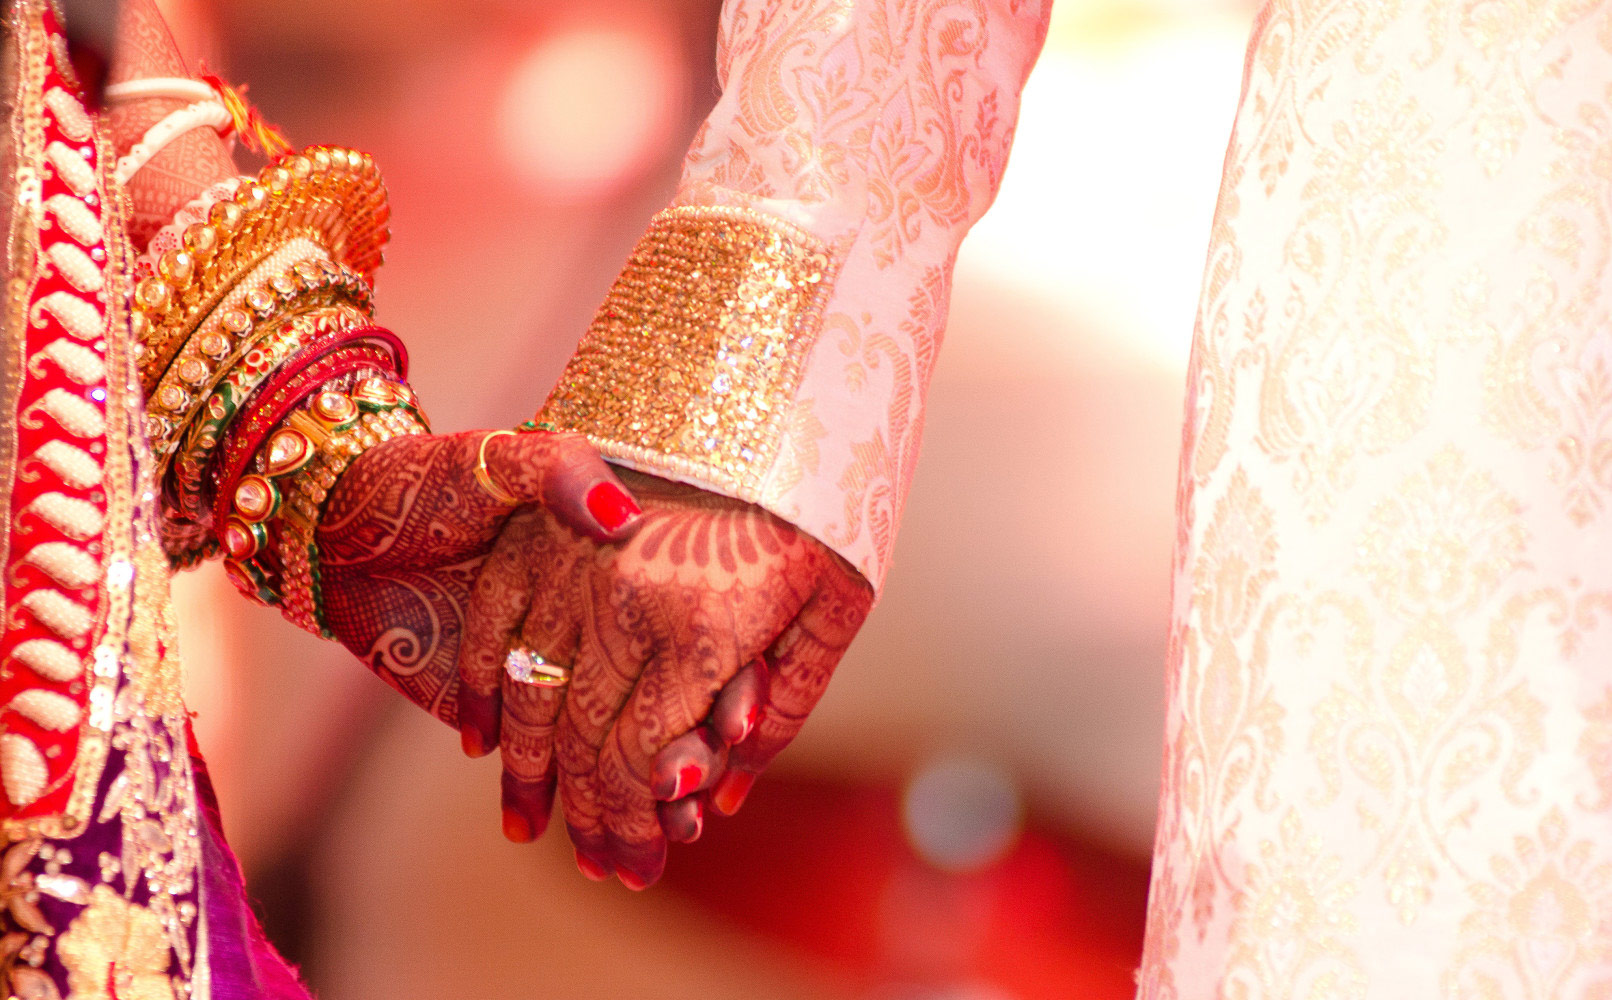 PBMC - Punjab Matrimonial